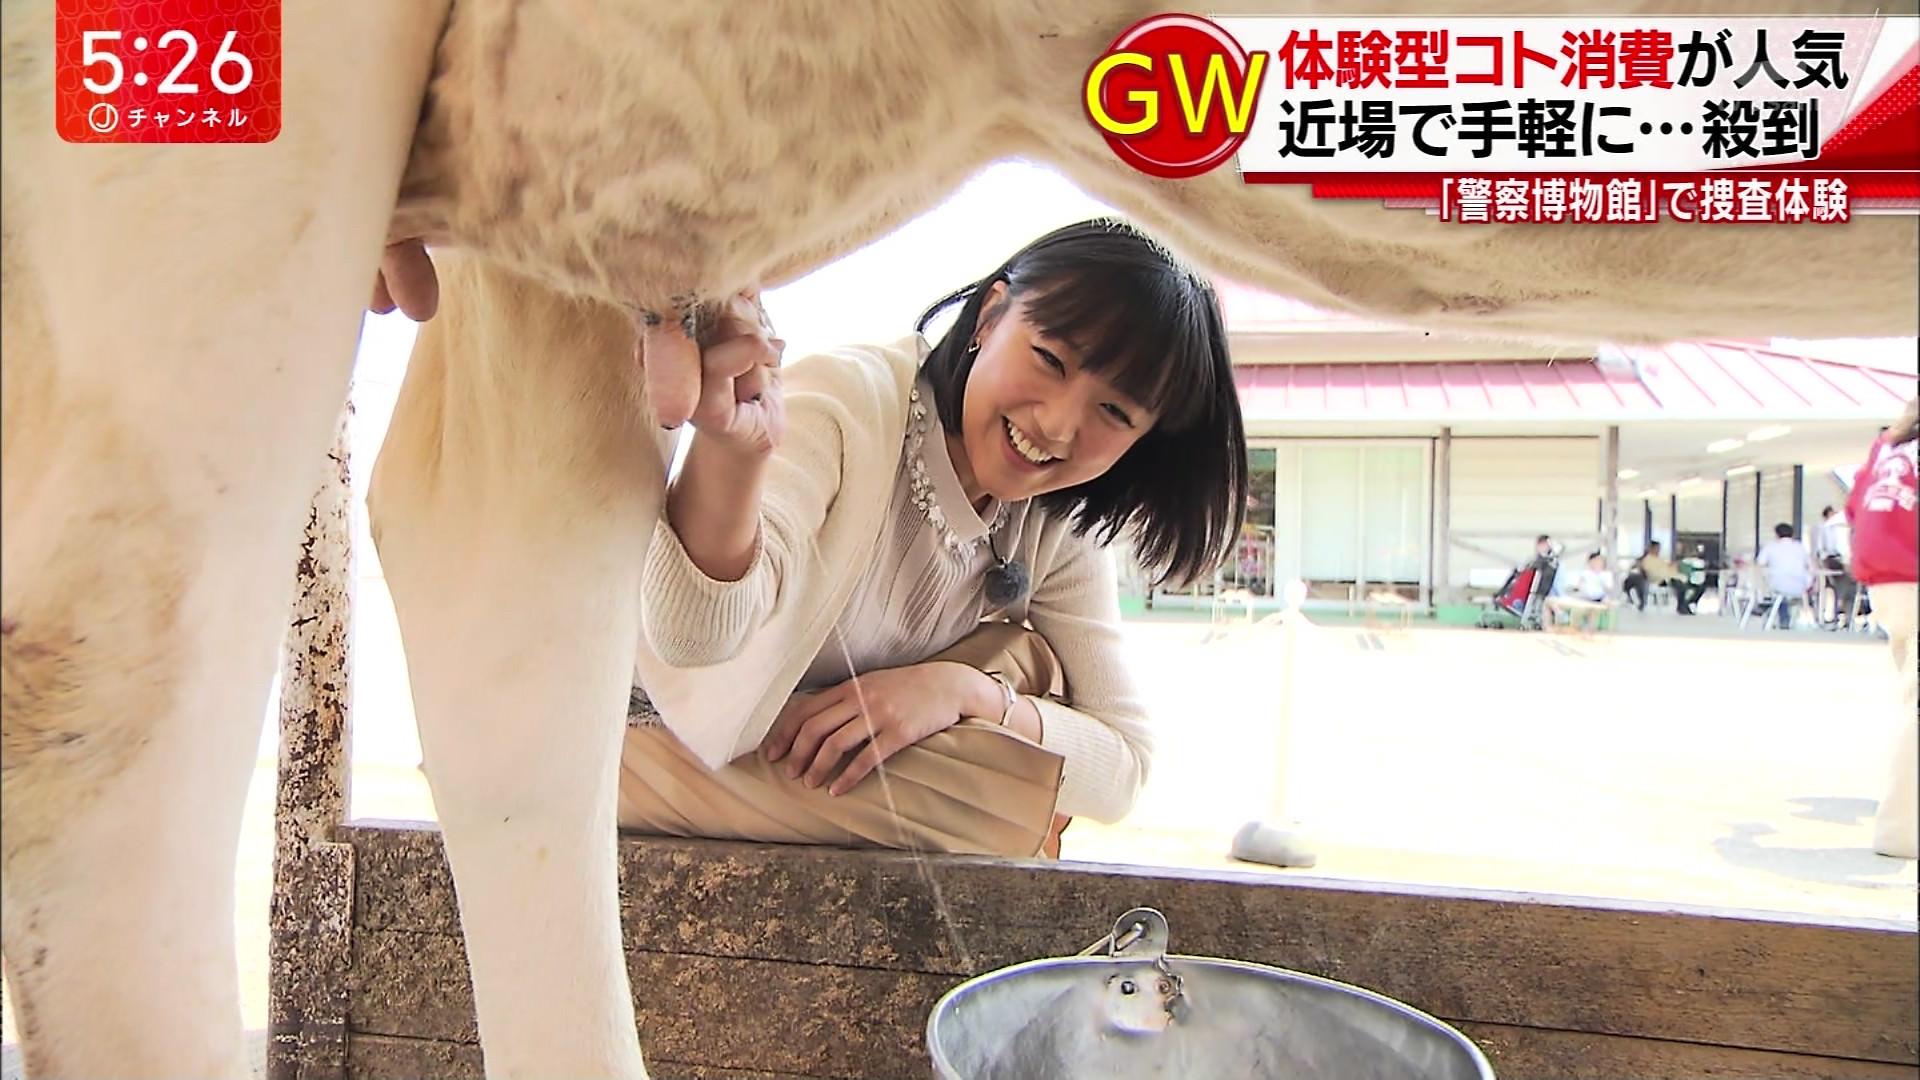 【超絶朗報】テレ朝の竹内由恵アナ、ニコニコでショタチンポを握る放送事故wwwwww